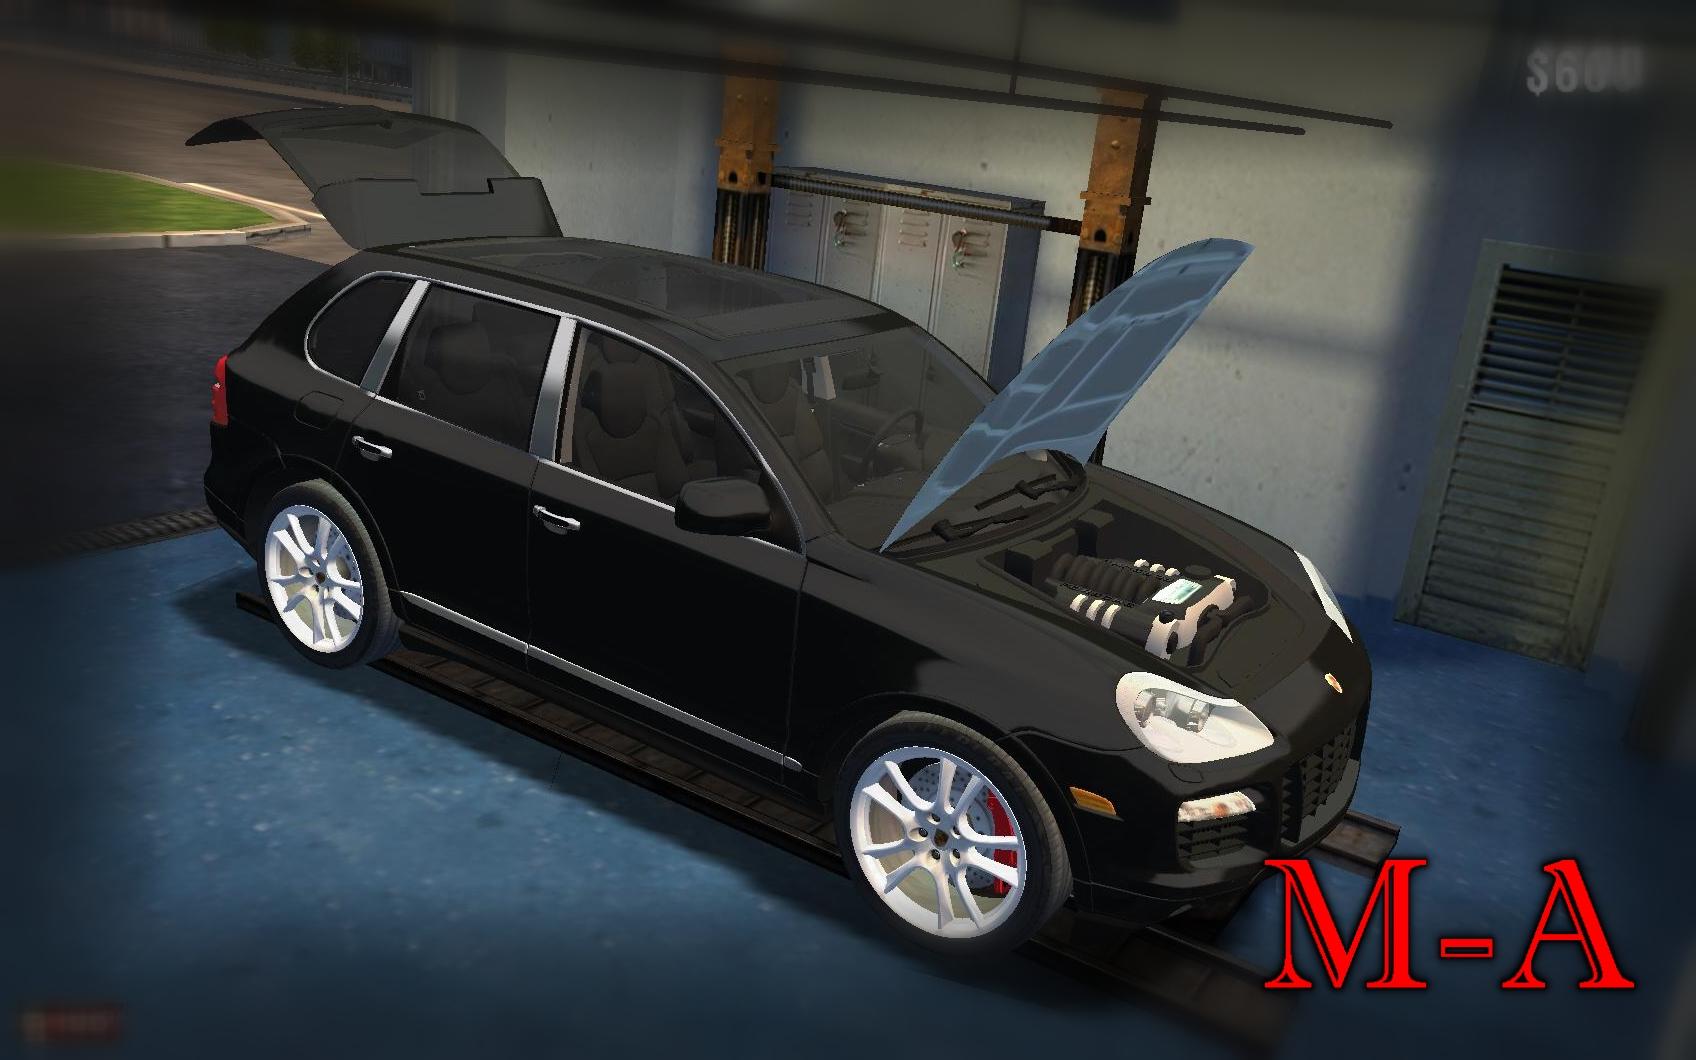 porsche cayenne turbo s porsche mafia auto. Black Bedroom Furniture Sets. Home Design Ideas